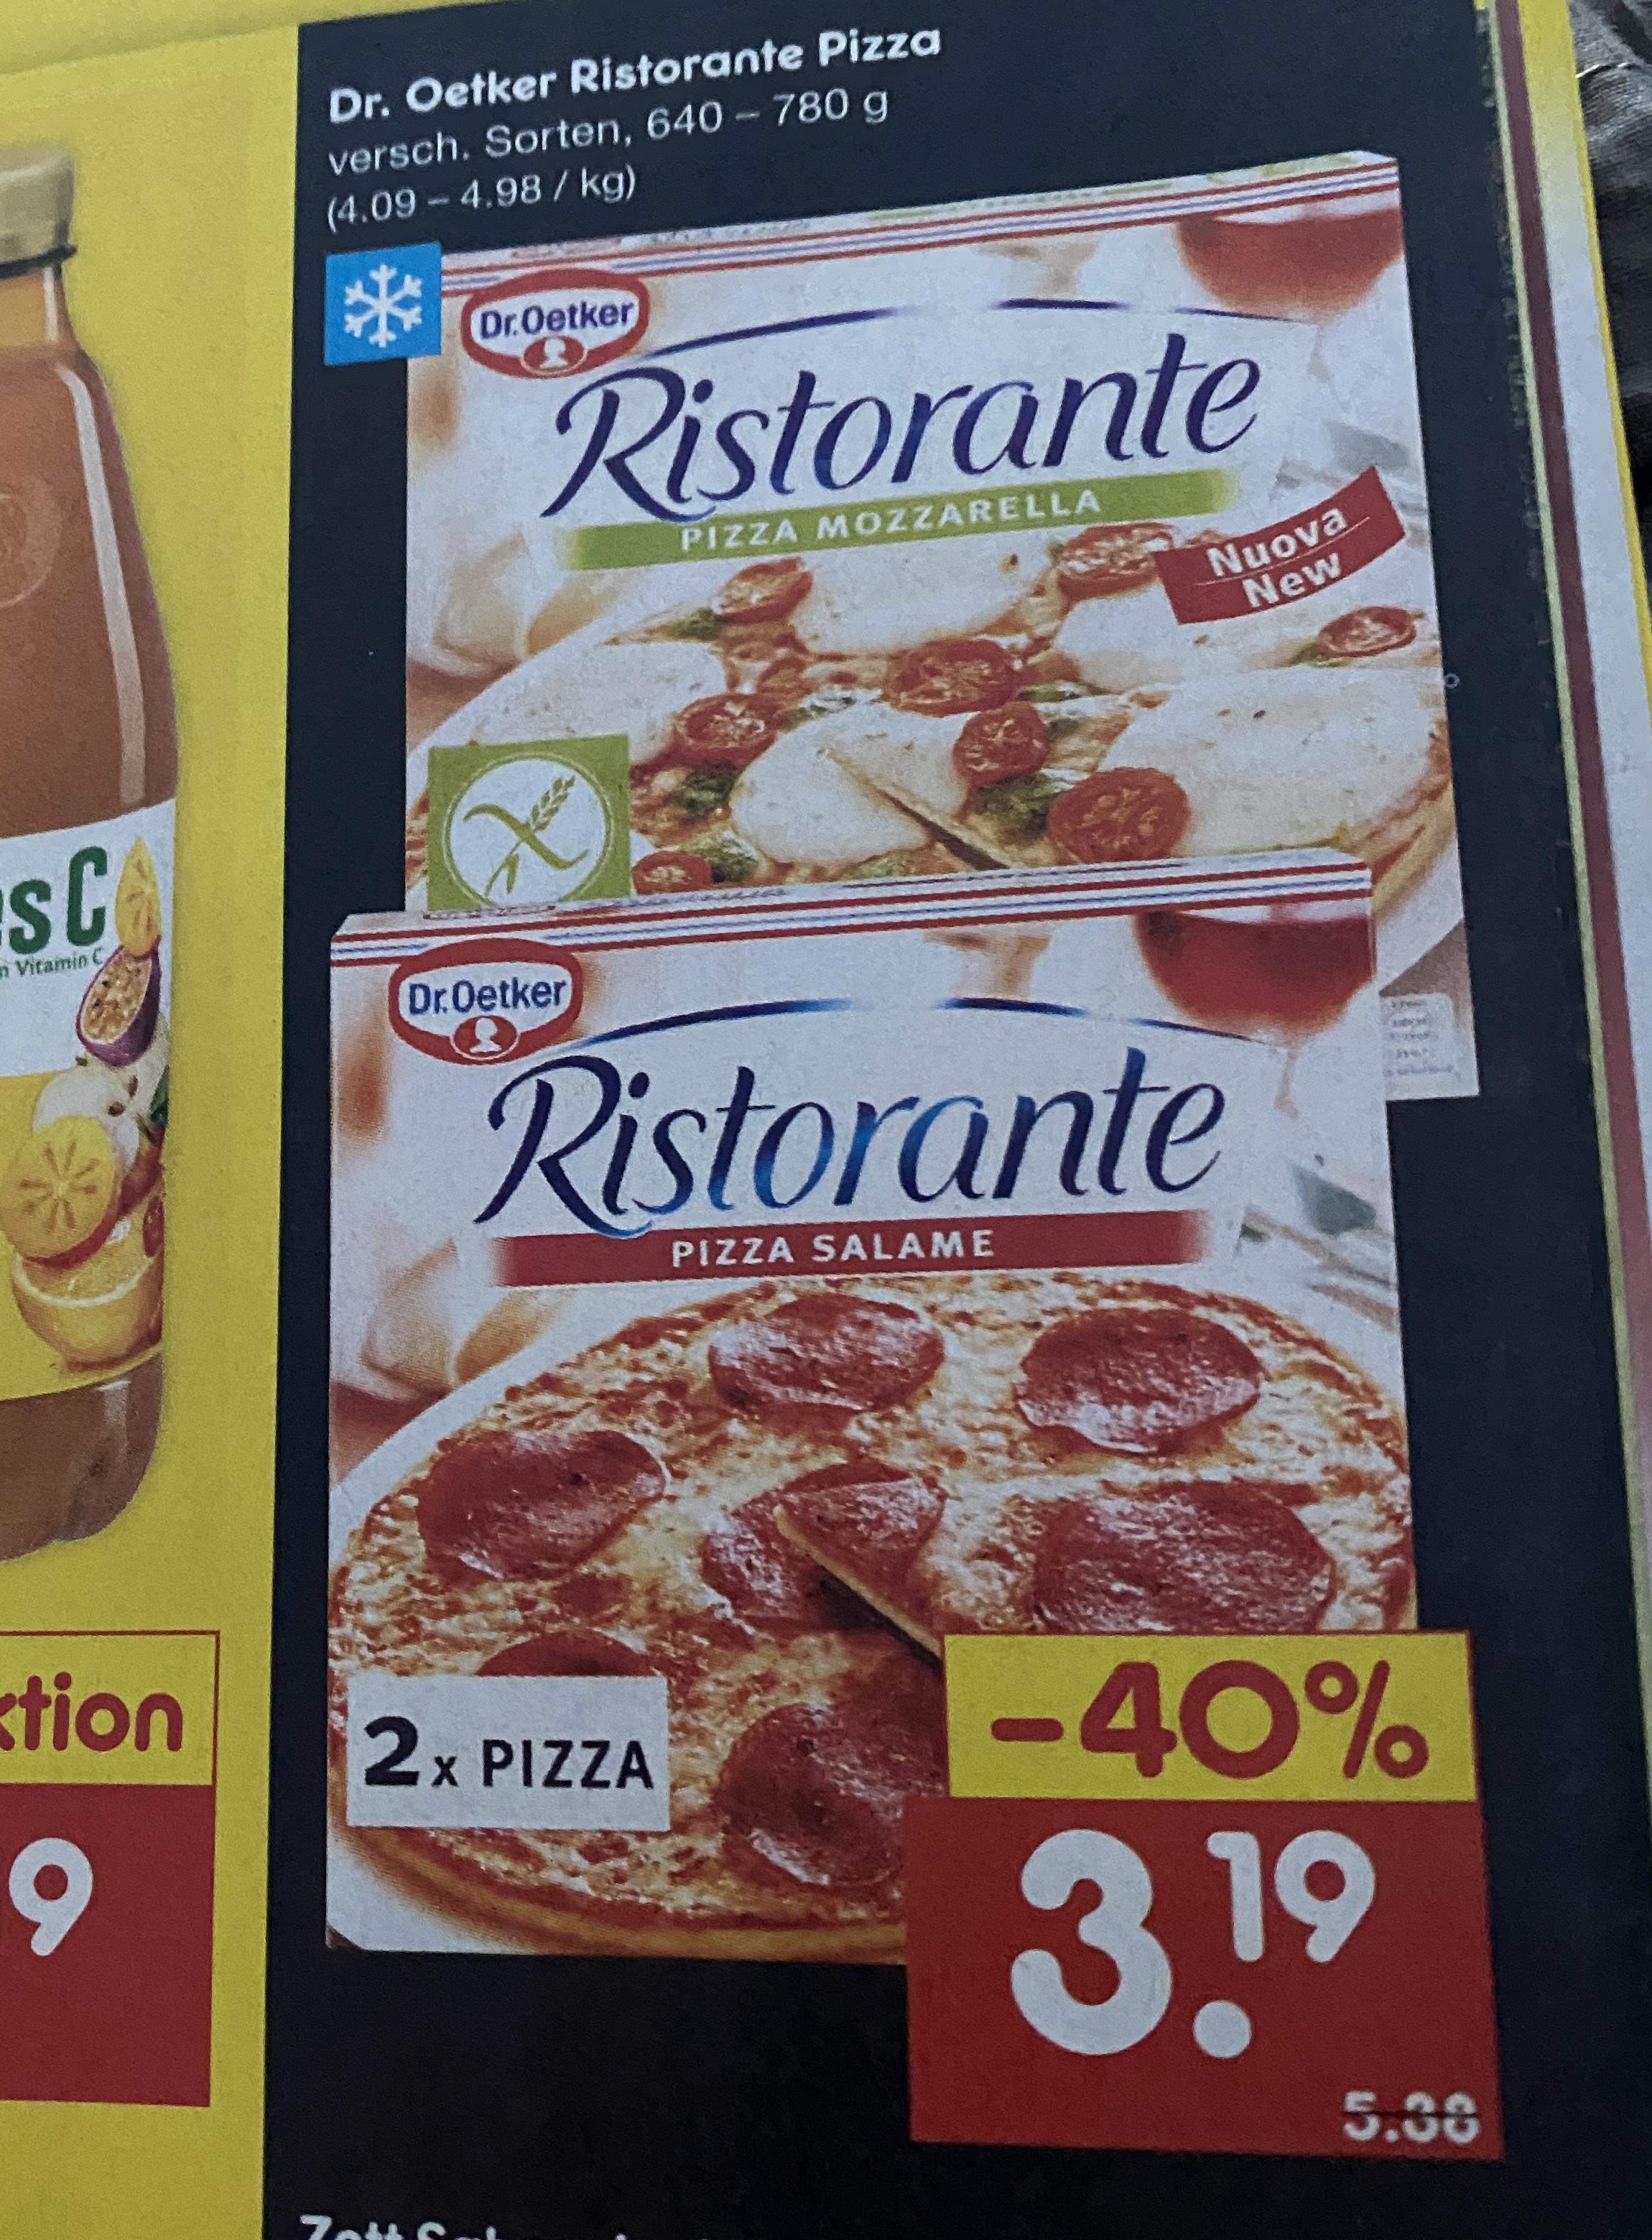 2x Dr.Oetker Ristorante Pizza bei Netto! (ab 18.02.)